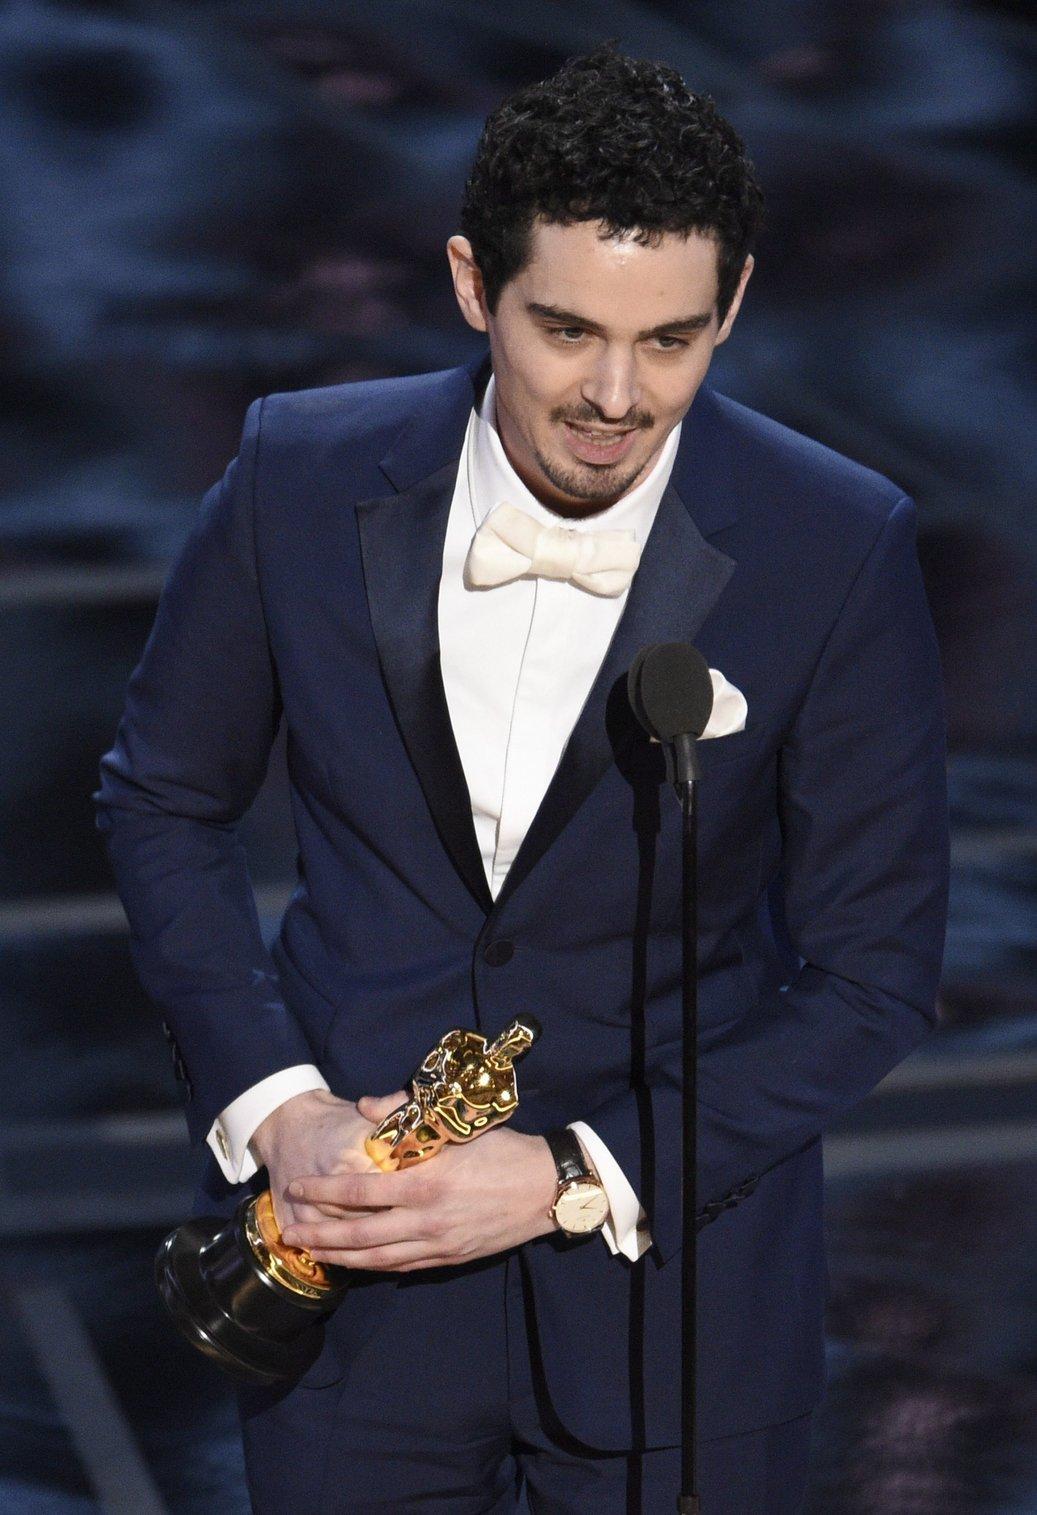 Damien Chazelle kanadai rendező a legjobb rendezőnek járó díjjal a 89. Oscar-gálán a Los Angeles-i Dolby Színházban 2017. február 26-án. Chazelle a Kaliforniai álom (La La Land) című filmjéért részesült az elismerésben. (MTI/AP/Chris Pizzello)